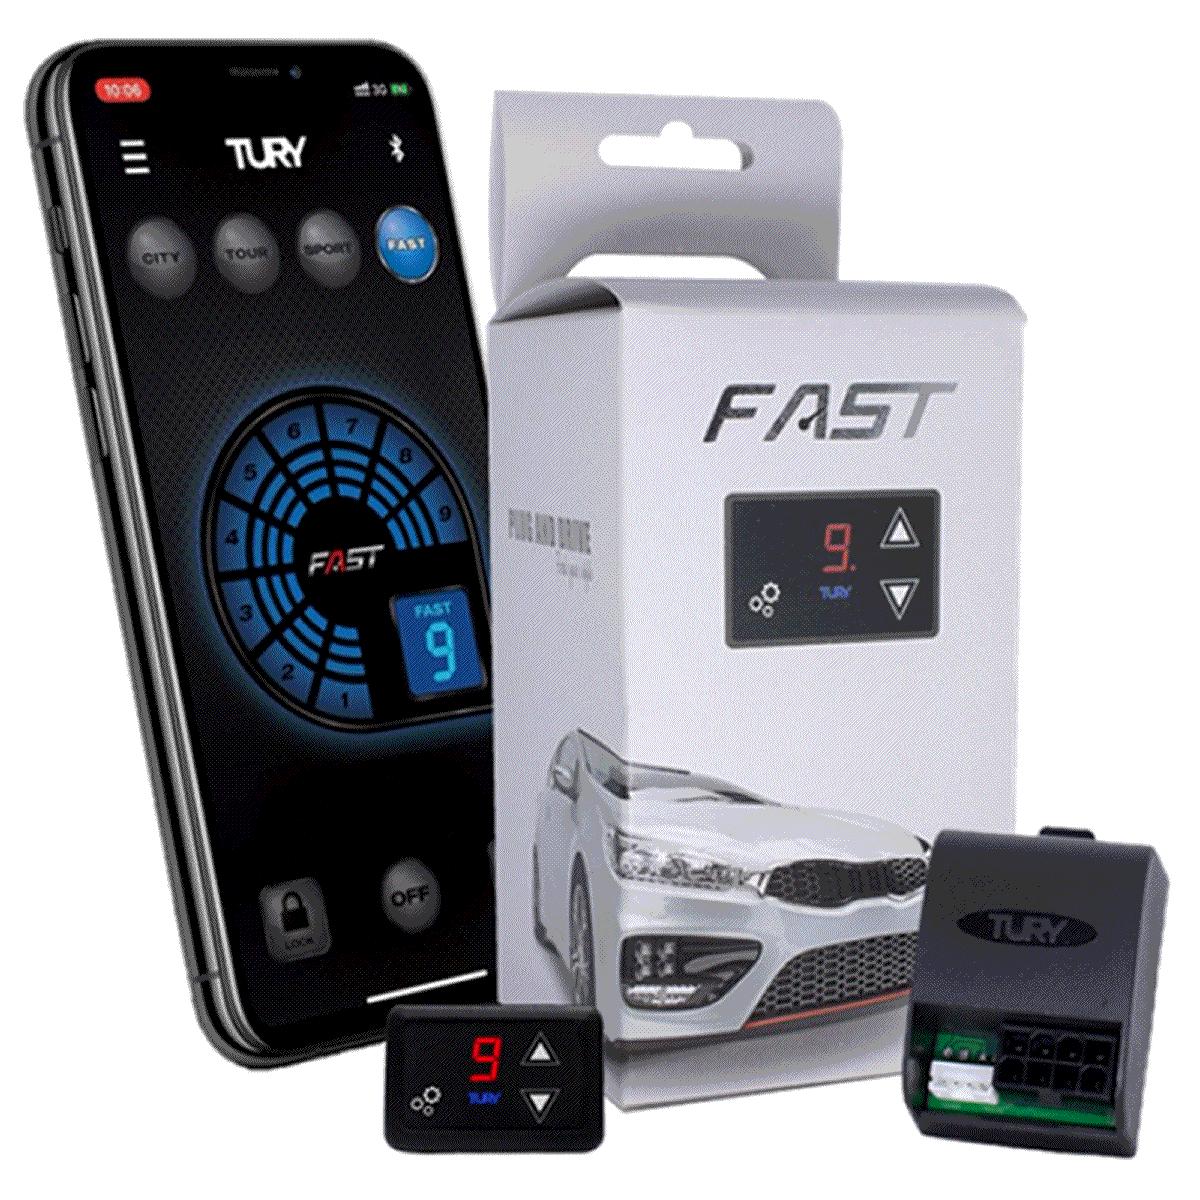 Fast 2.0 X GM Chevrolet Cadillac Troller, ... Módulo Acelerador Plug & Play